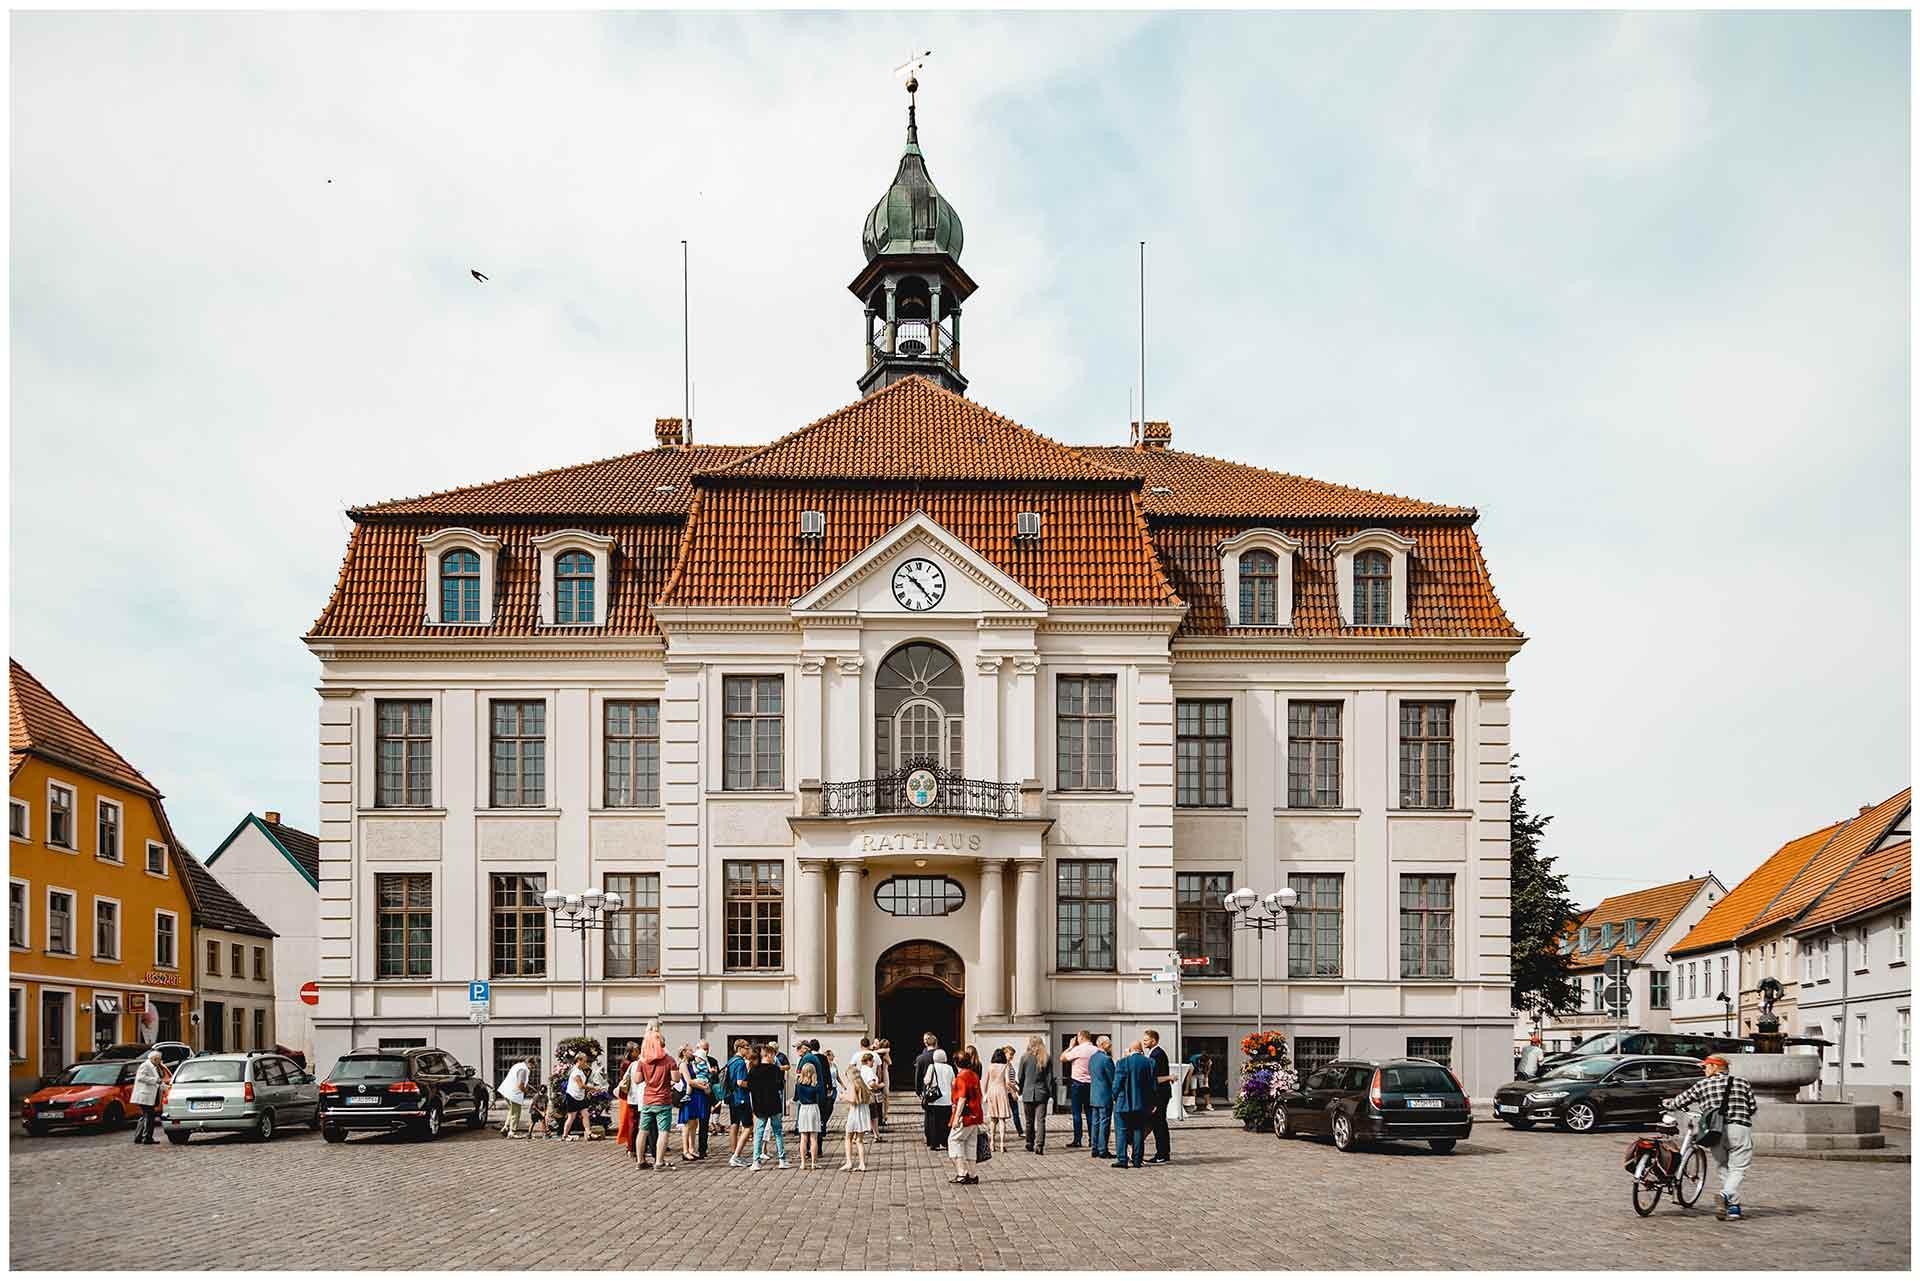 Hochzeitsgäste stehen vor dem Rathaus Teterow - Hochzeitsfotograf in Teterow